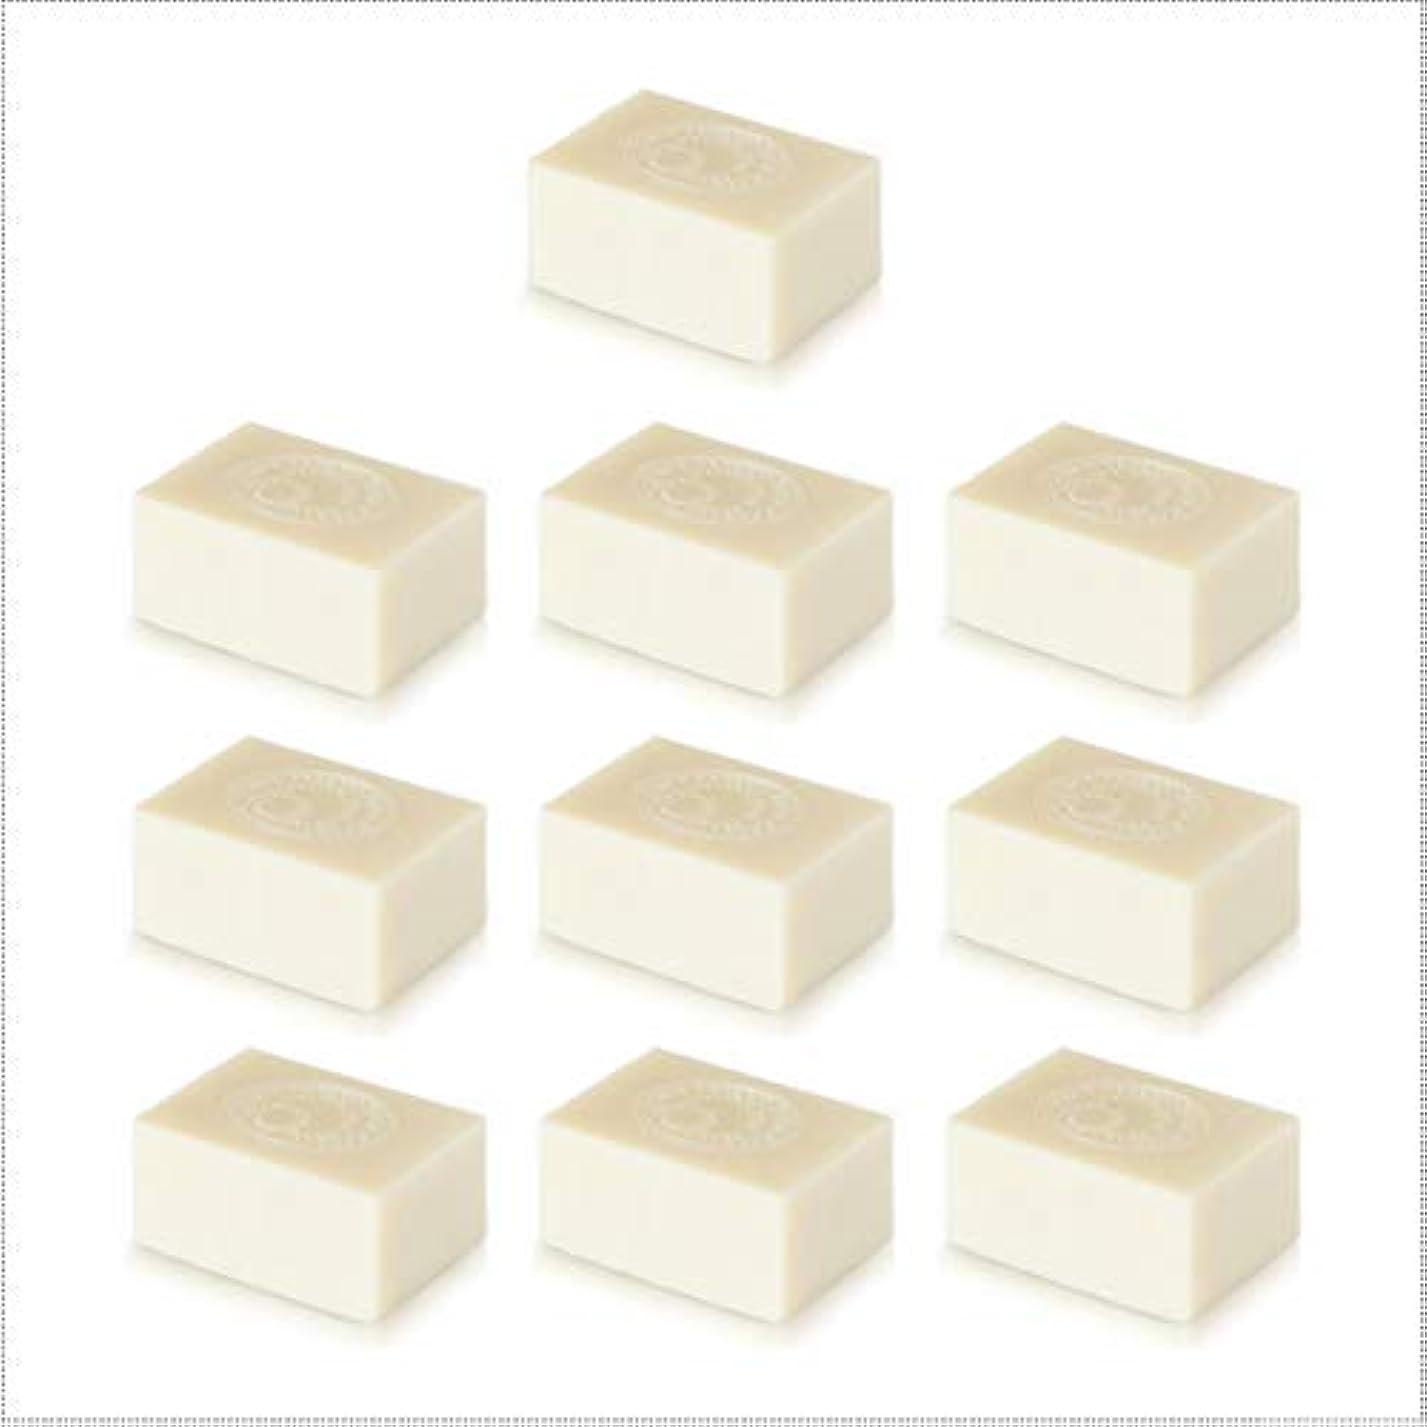 主に検査官効能あるアルガン石鹸10個セット( 145g ×10個) ナイアードの無添加アルガン石鹸